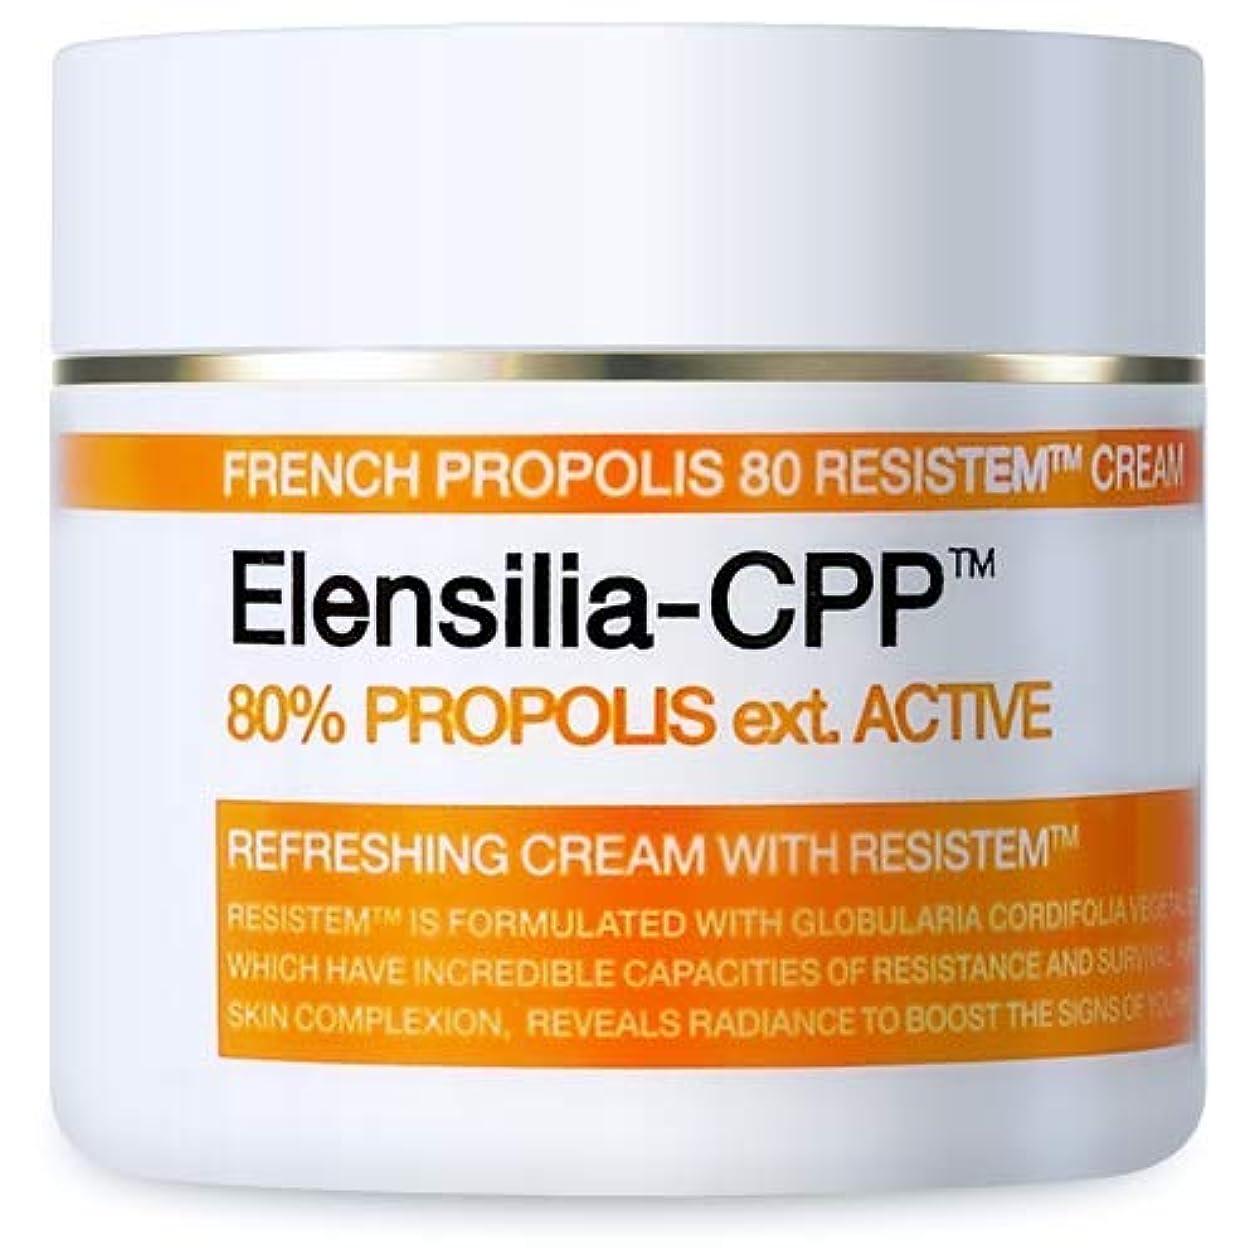 チップポーズ提供されたElensilia CPP フレンチ プロポリス 80 リシステム クリーム / CPP French Propolis 80 Resistem Cream (50g) [並行輸入品]